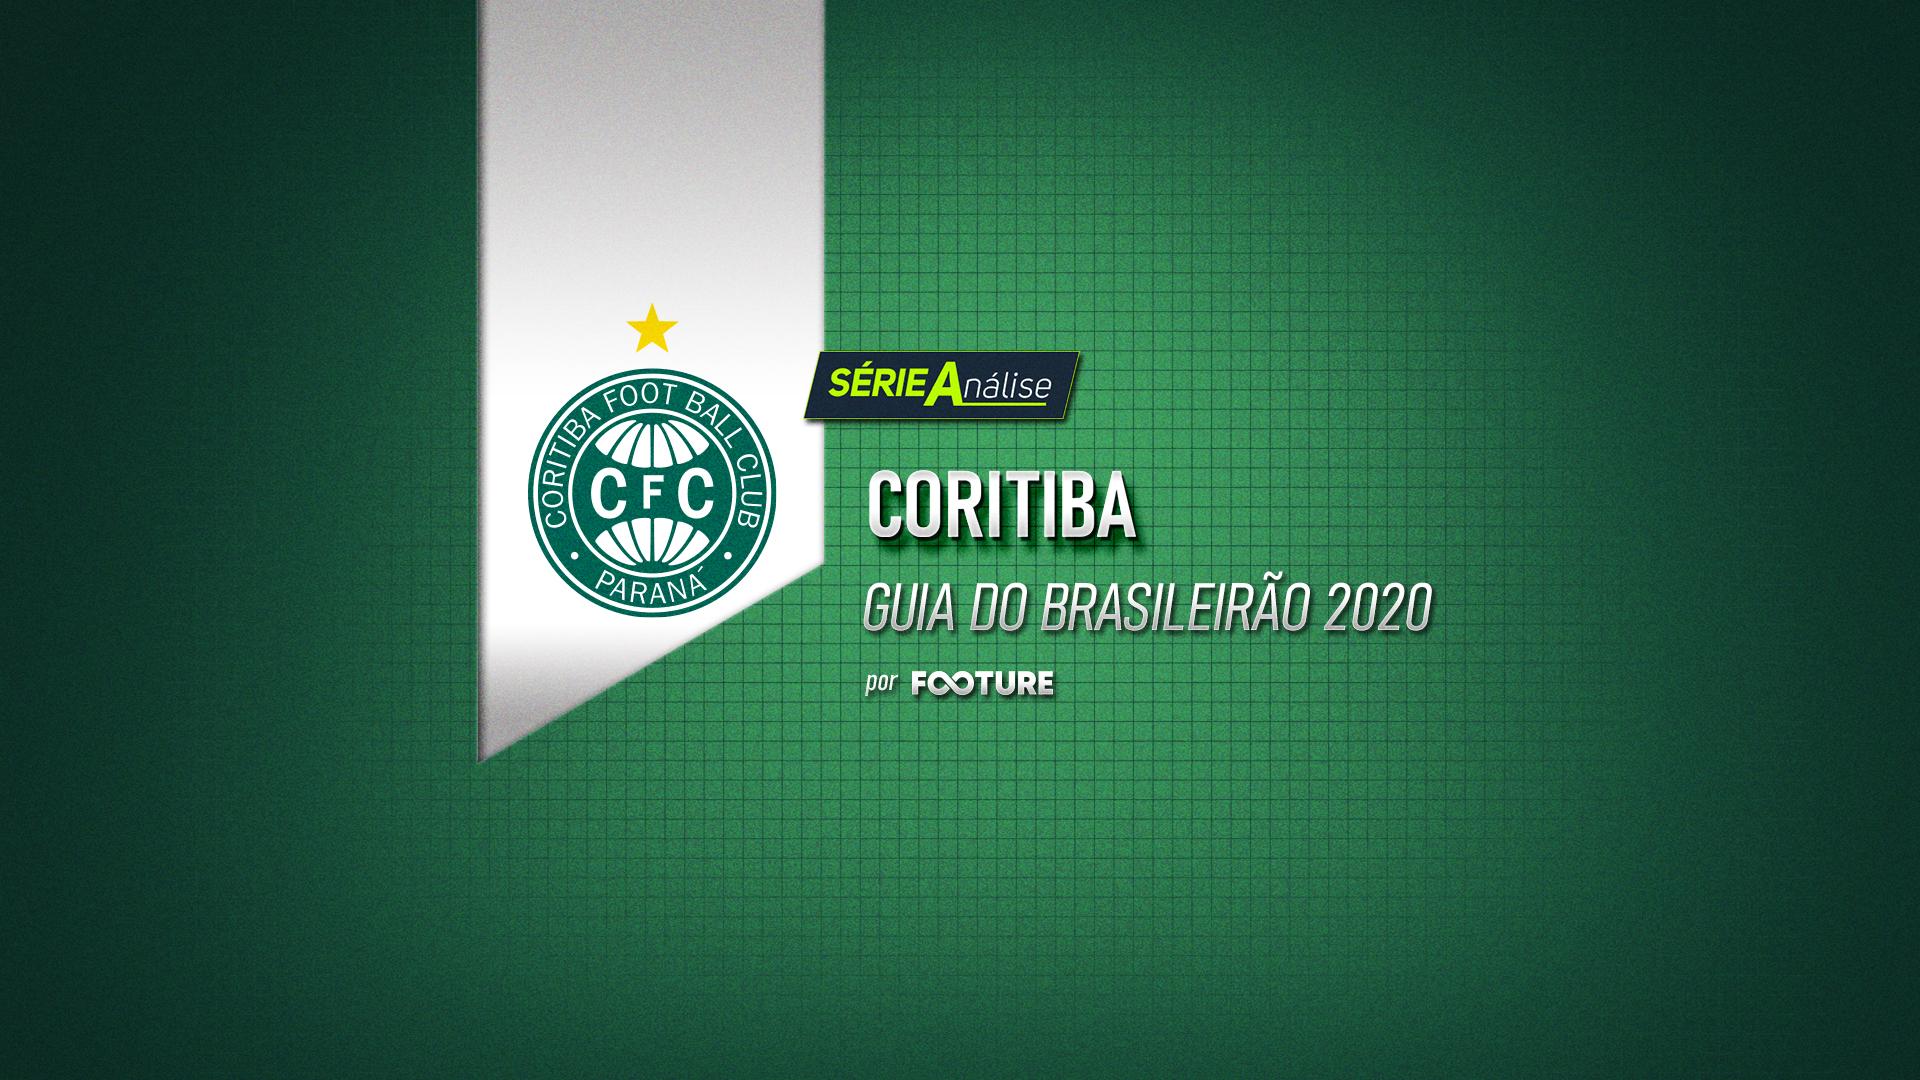 Guia do Brasileirão 2020 – Coritiba